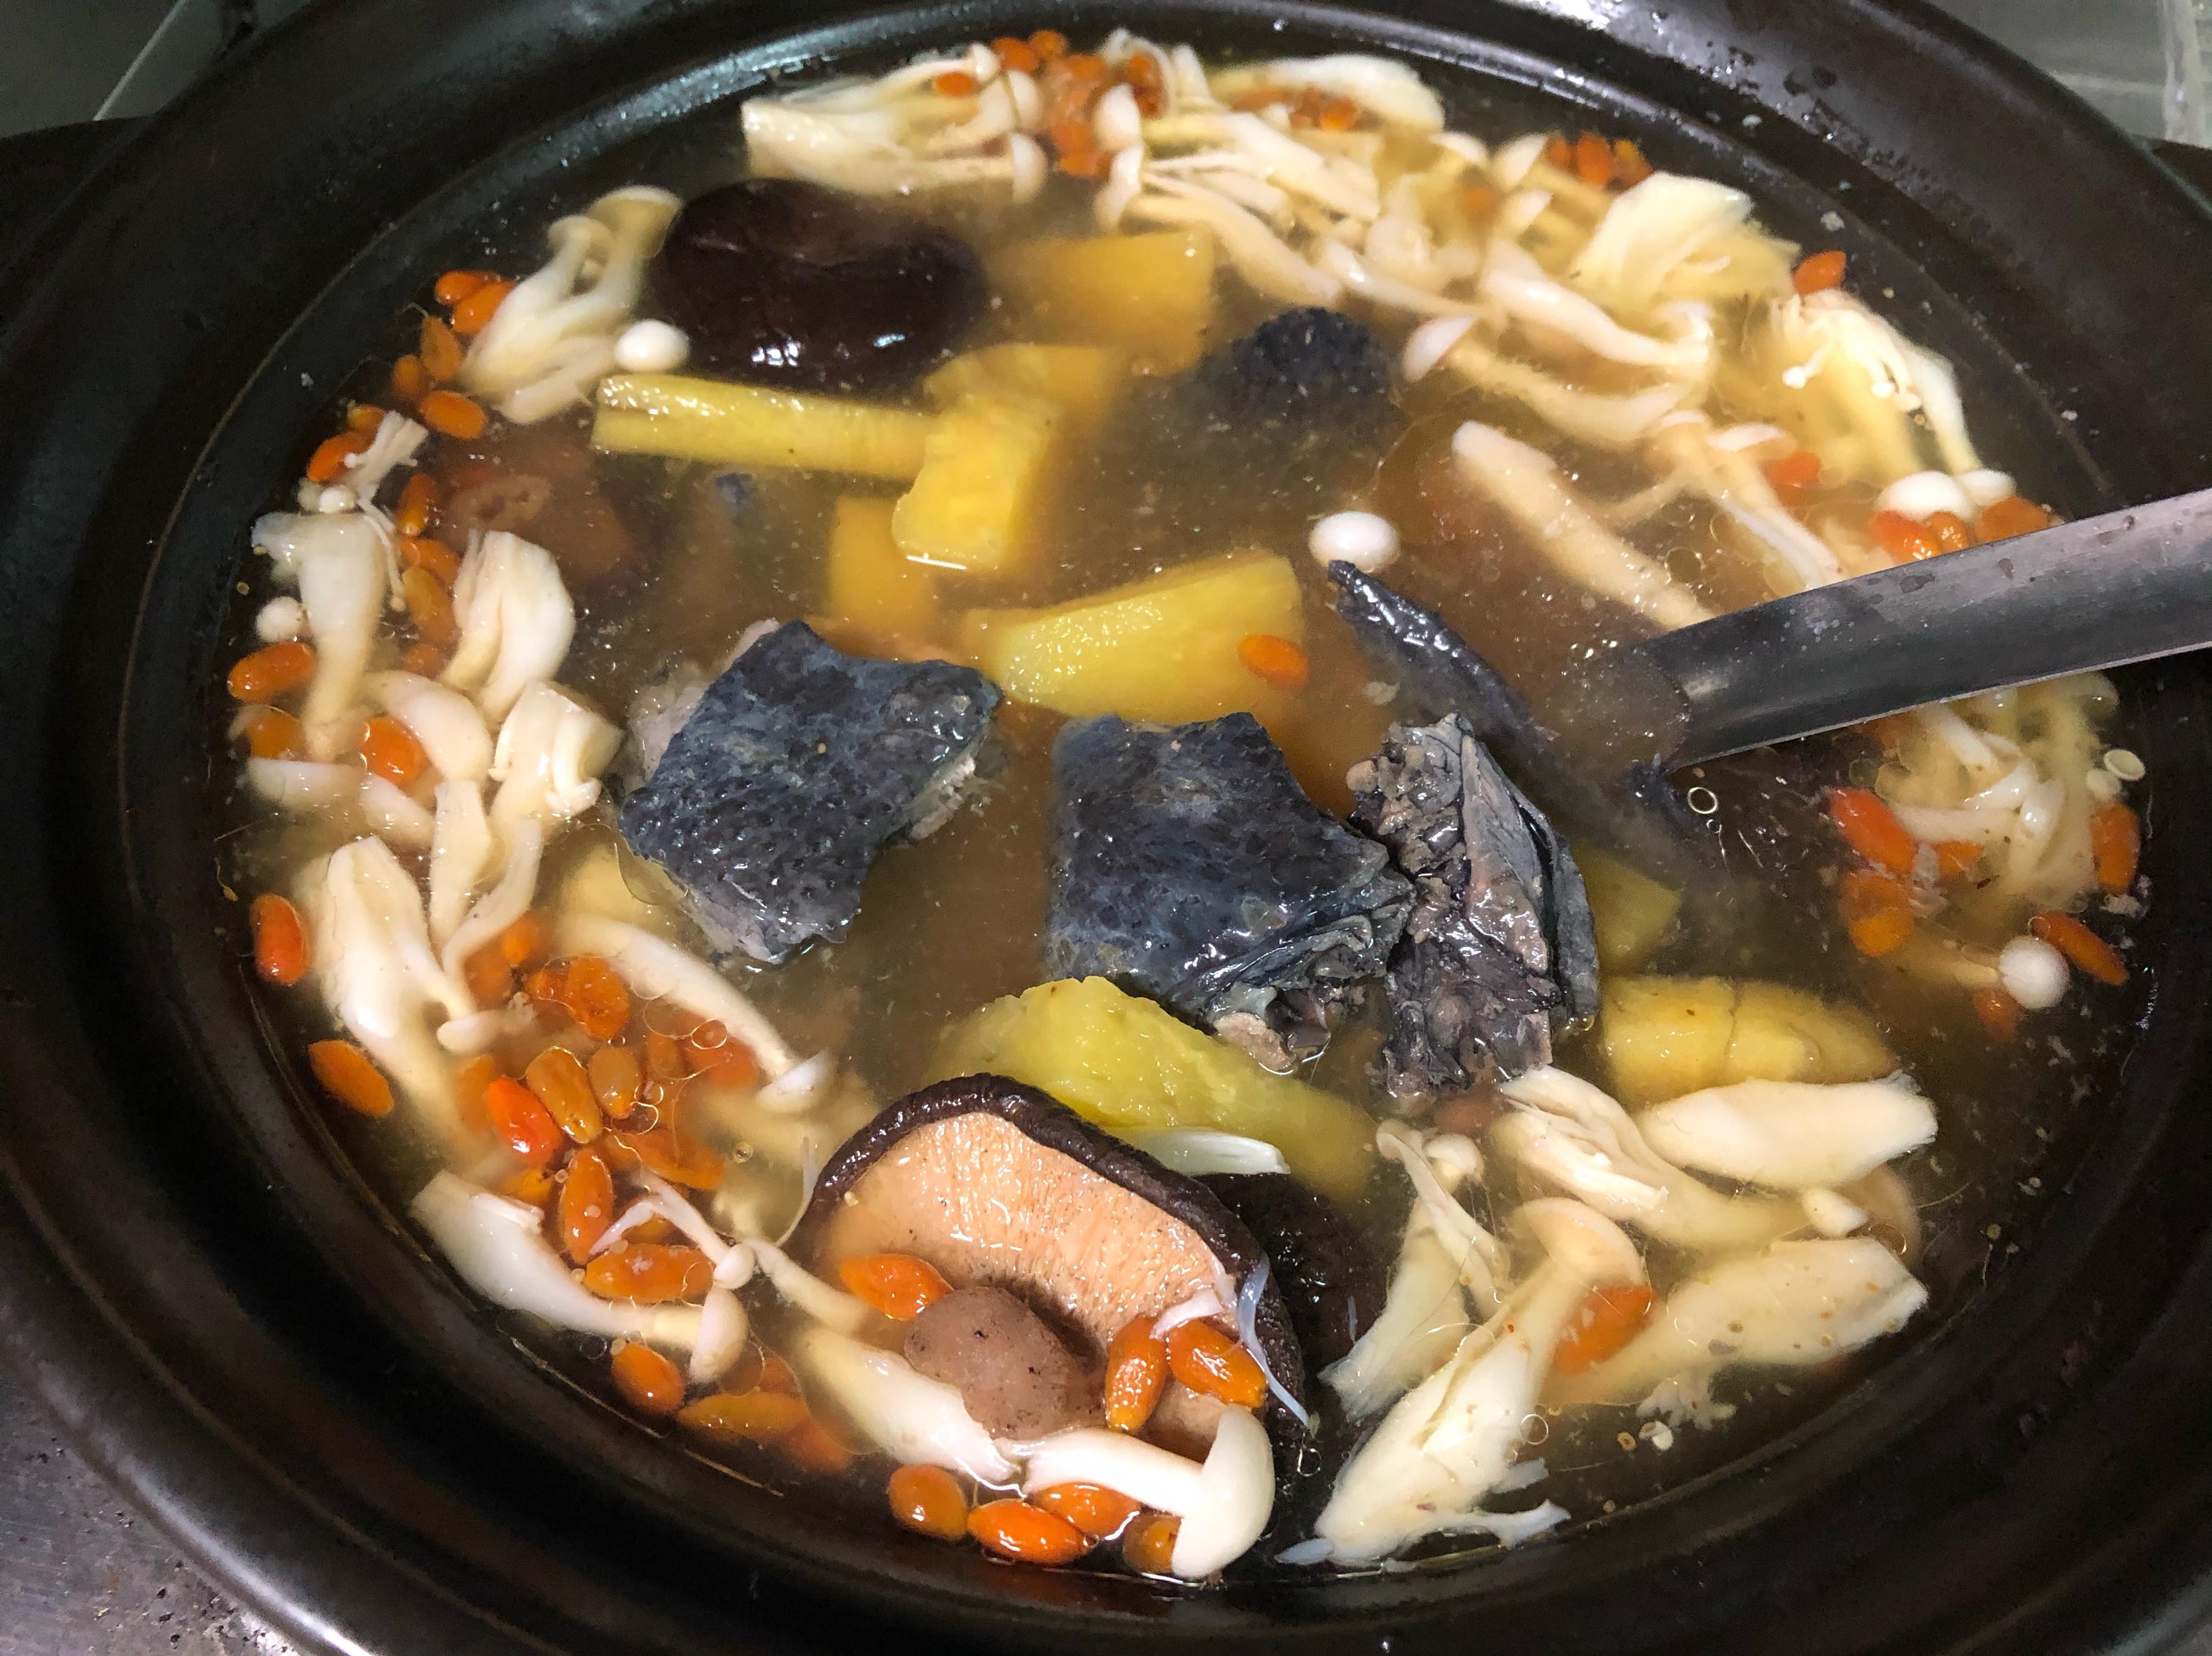 挺鳳梨料理:香菇枸杞鳳梨烏骨雞湯